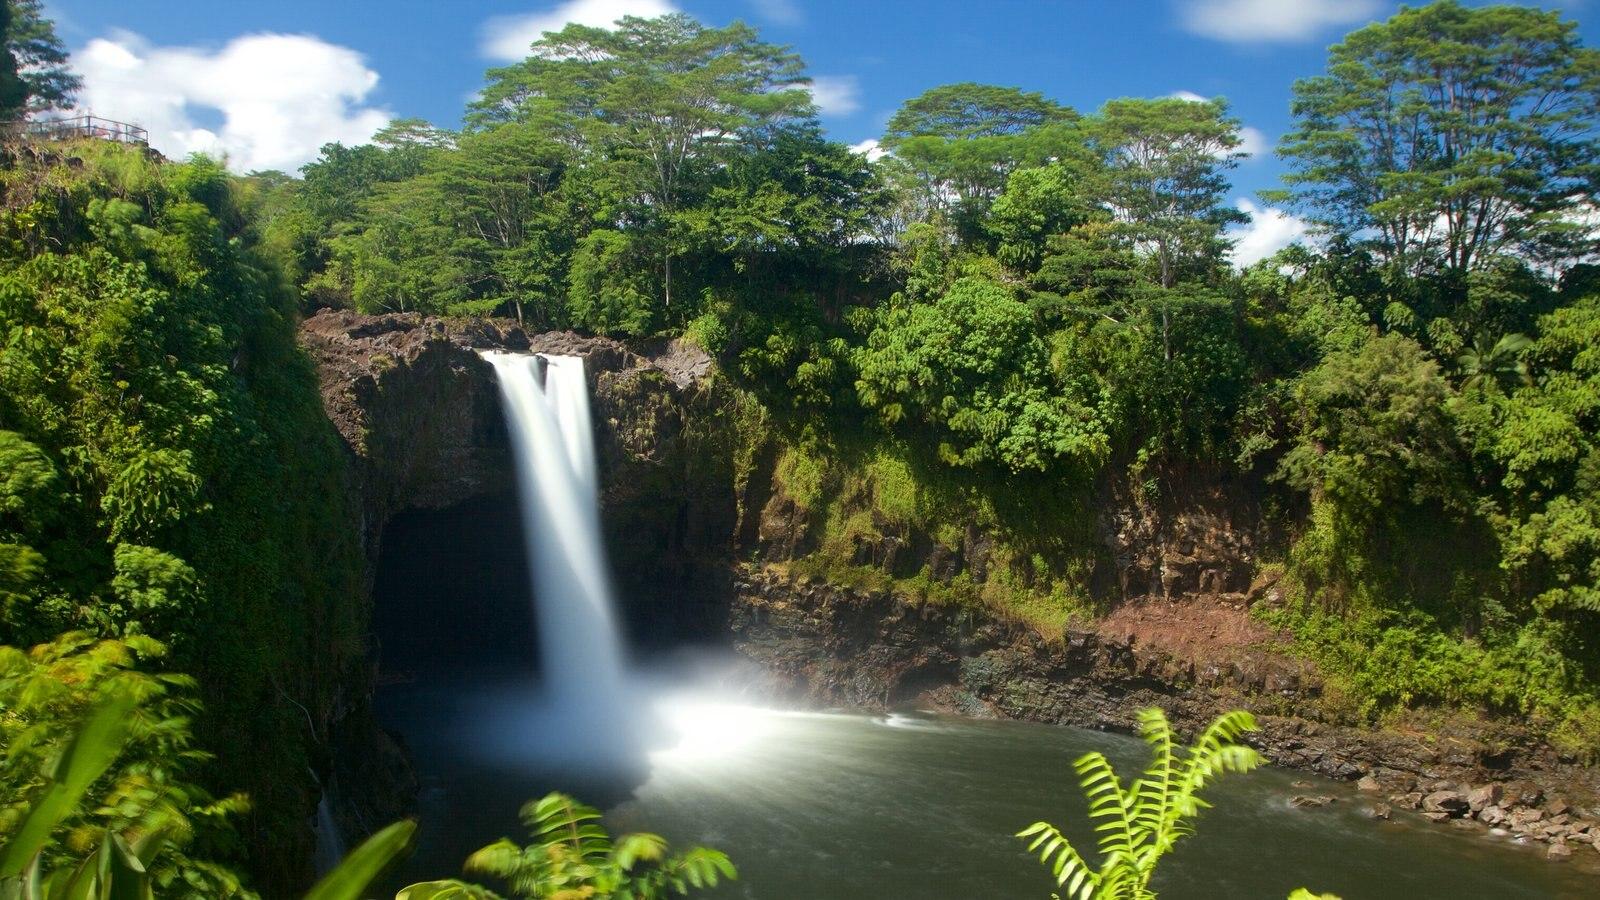 Rainbow Falls que inclui uma cachoeira e um jardim